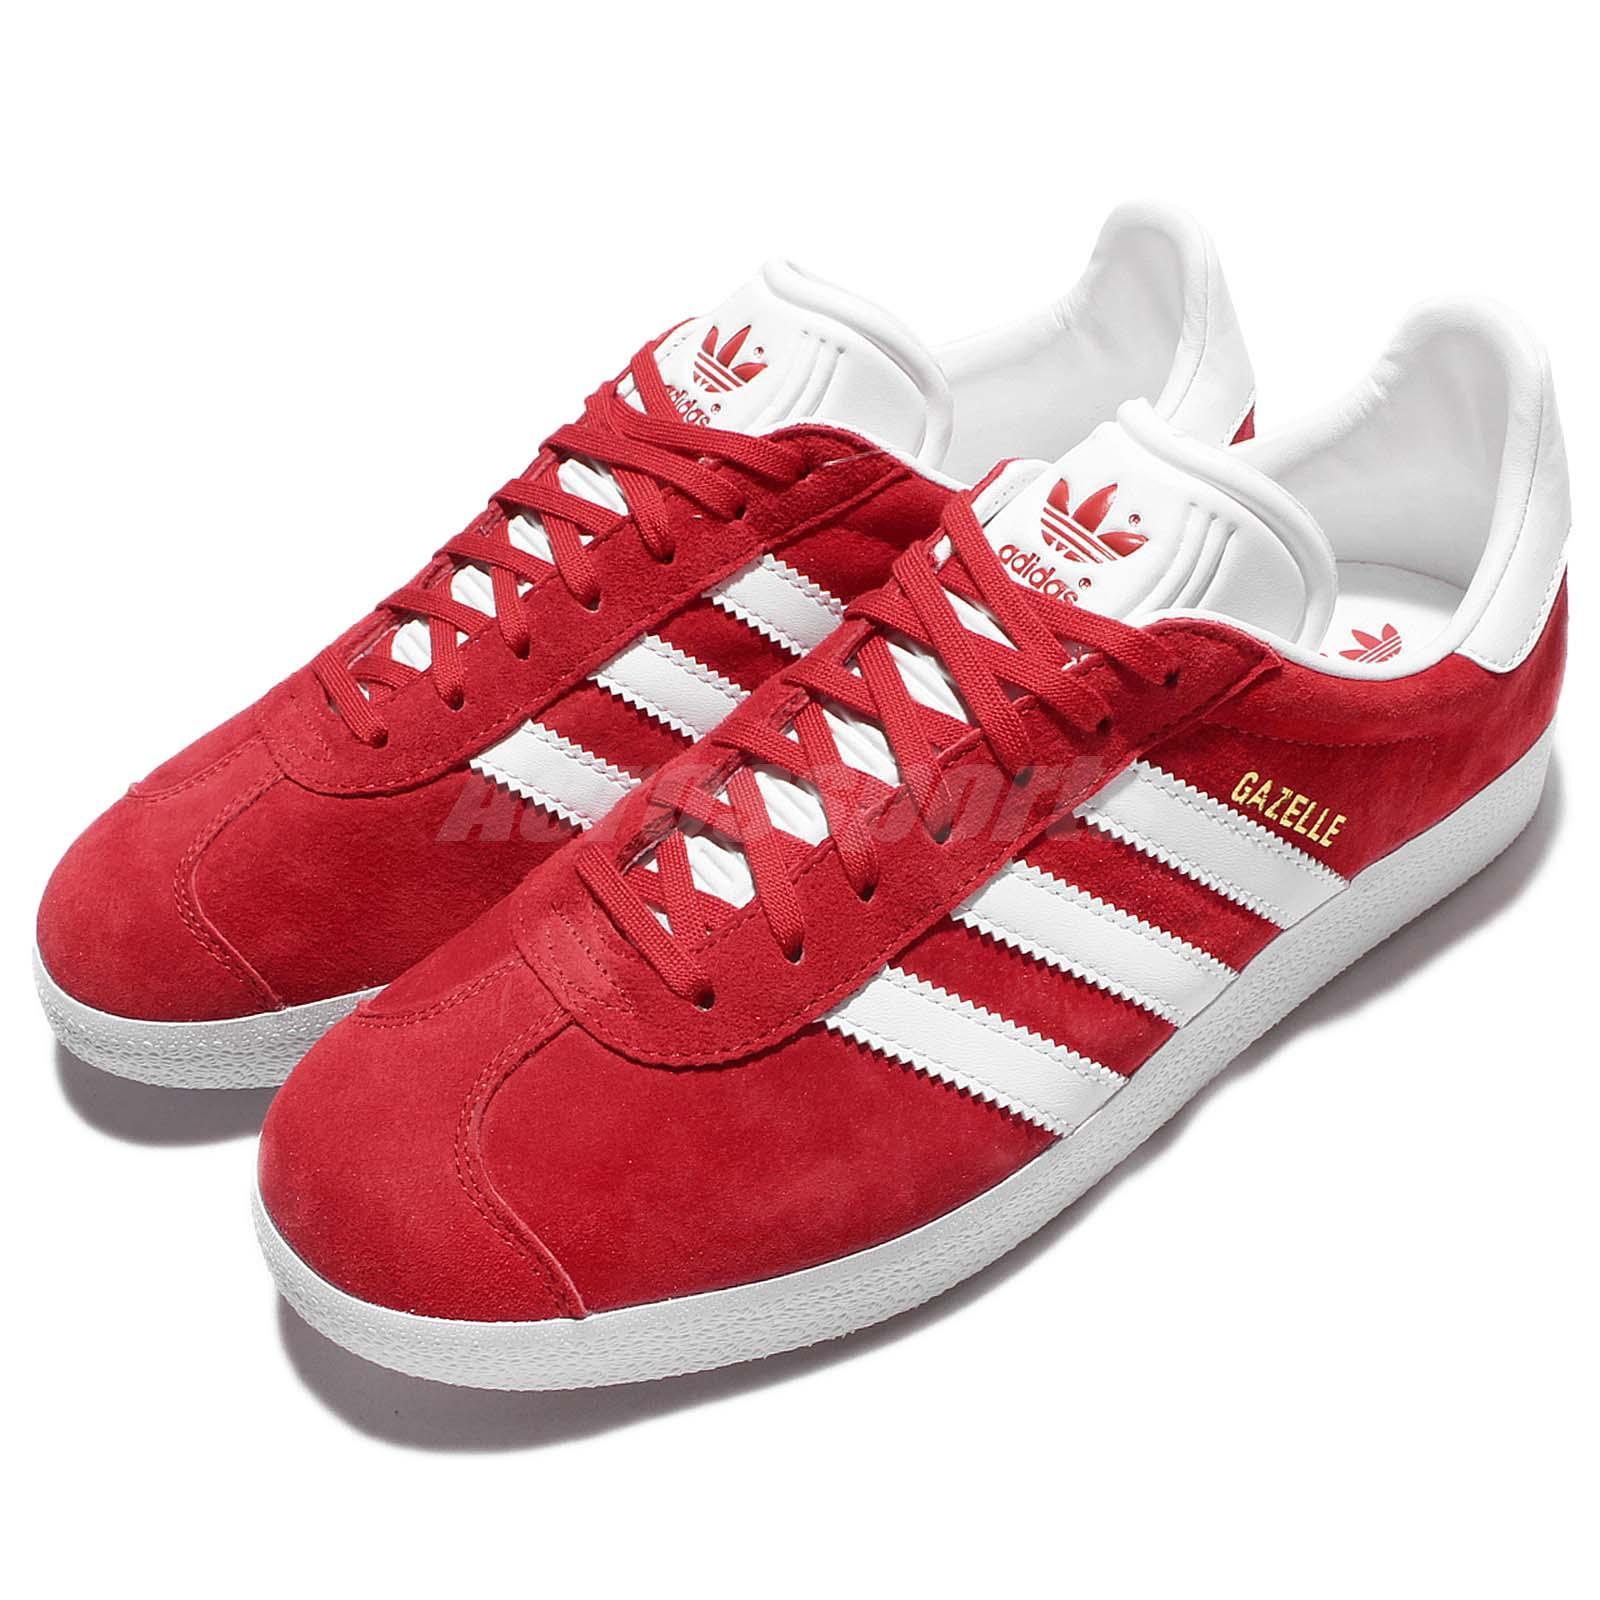 adidas Originals Gazalle Red White Men